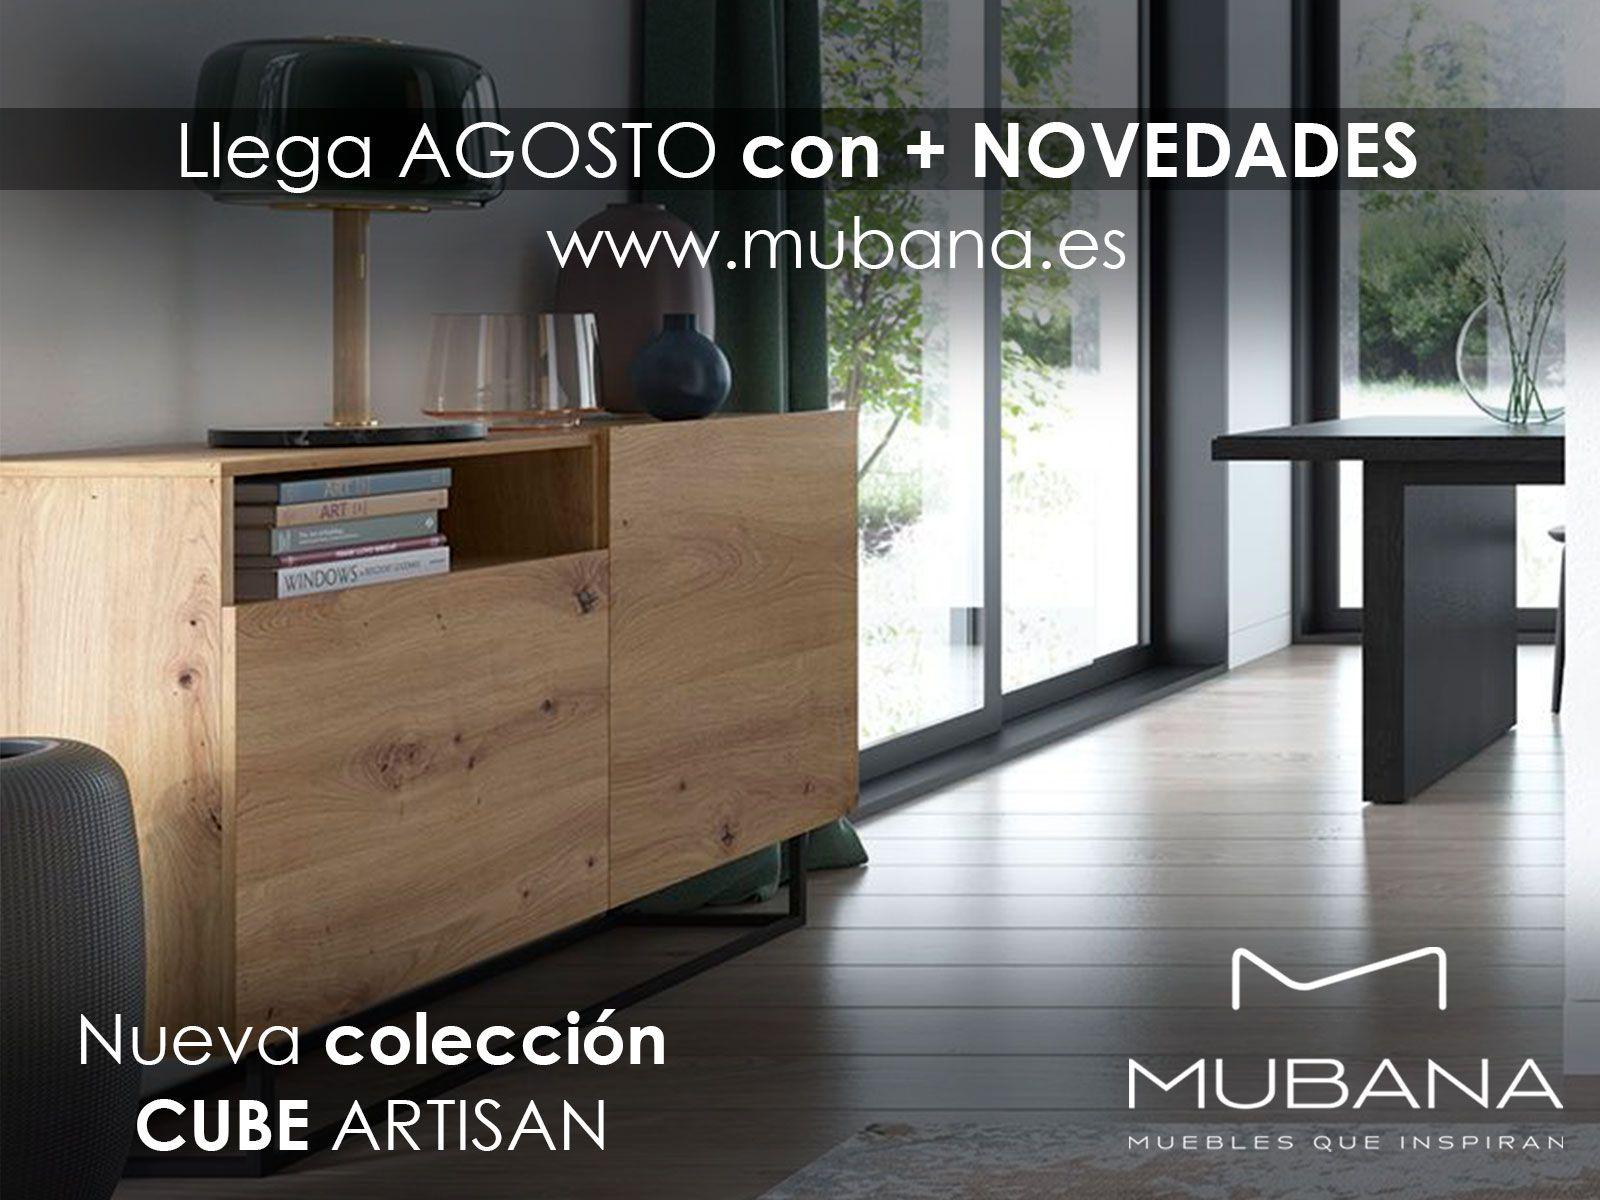 Llega AGOSTO con + NOVEDADES MUBANA.